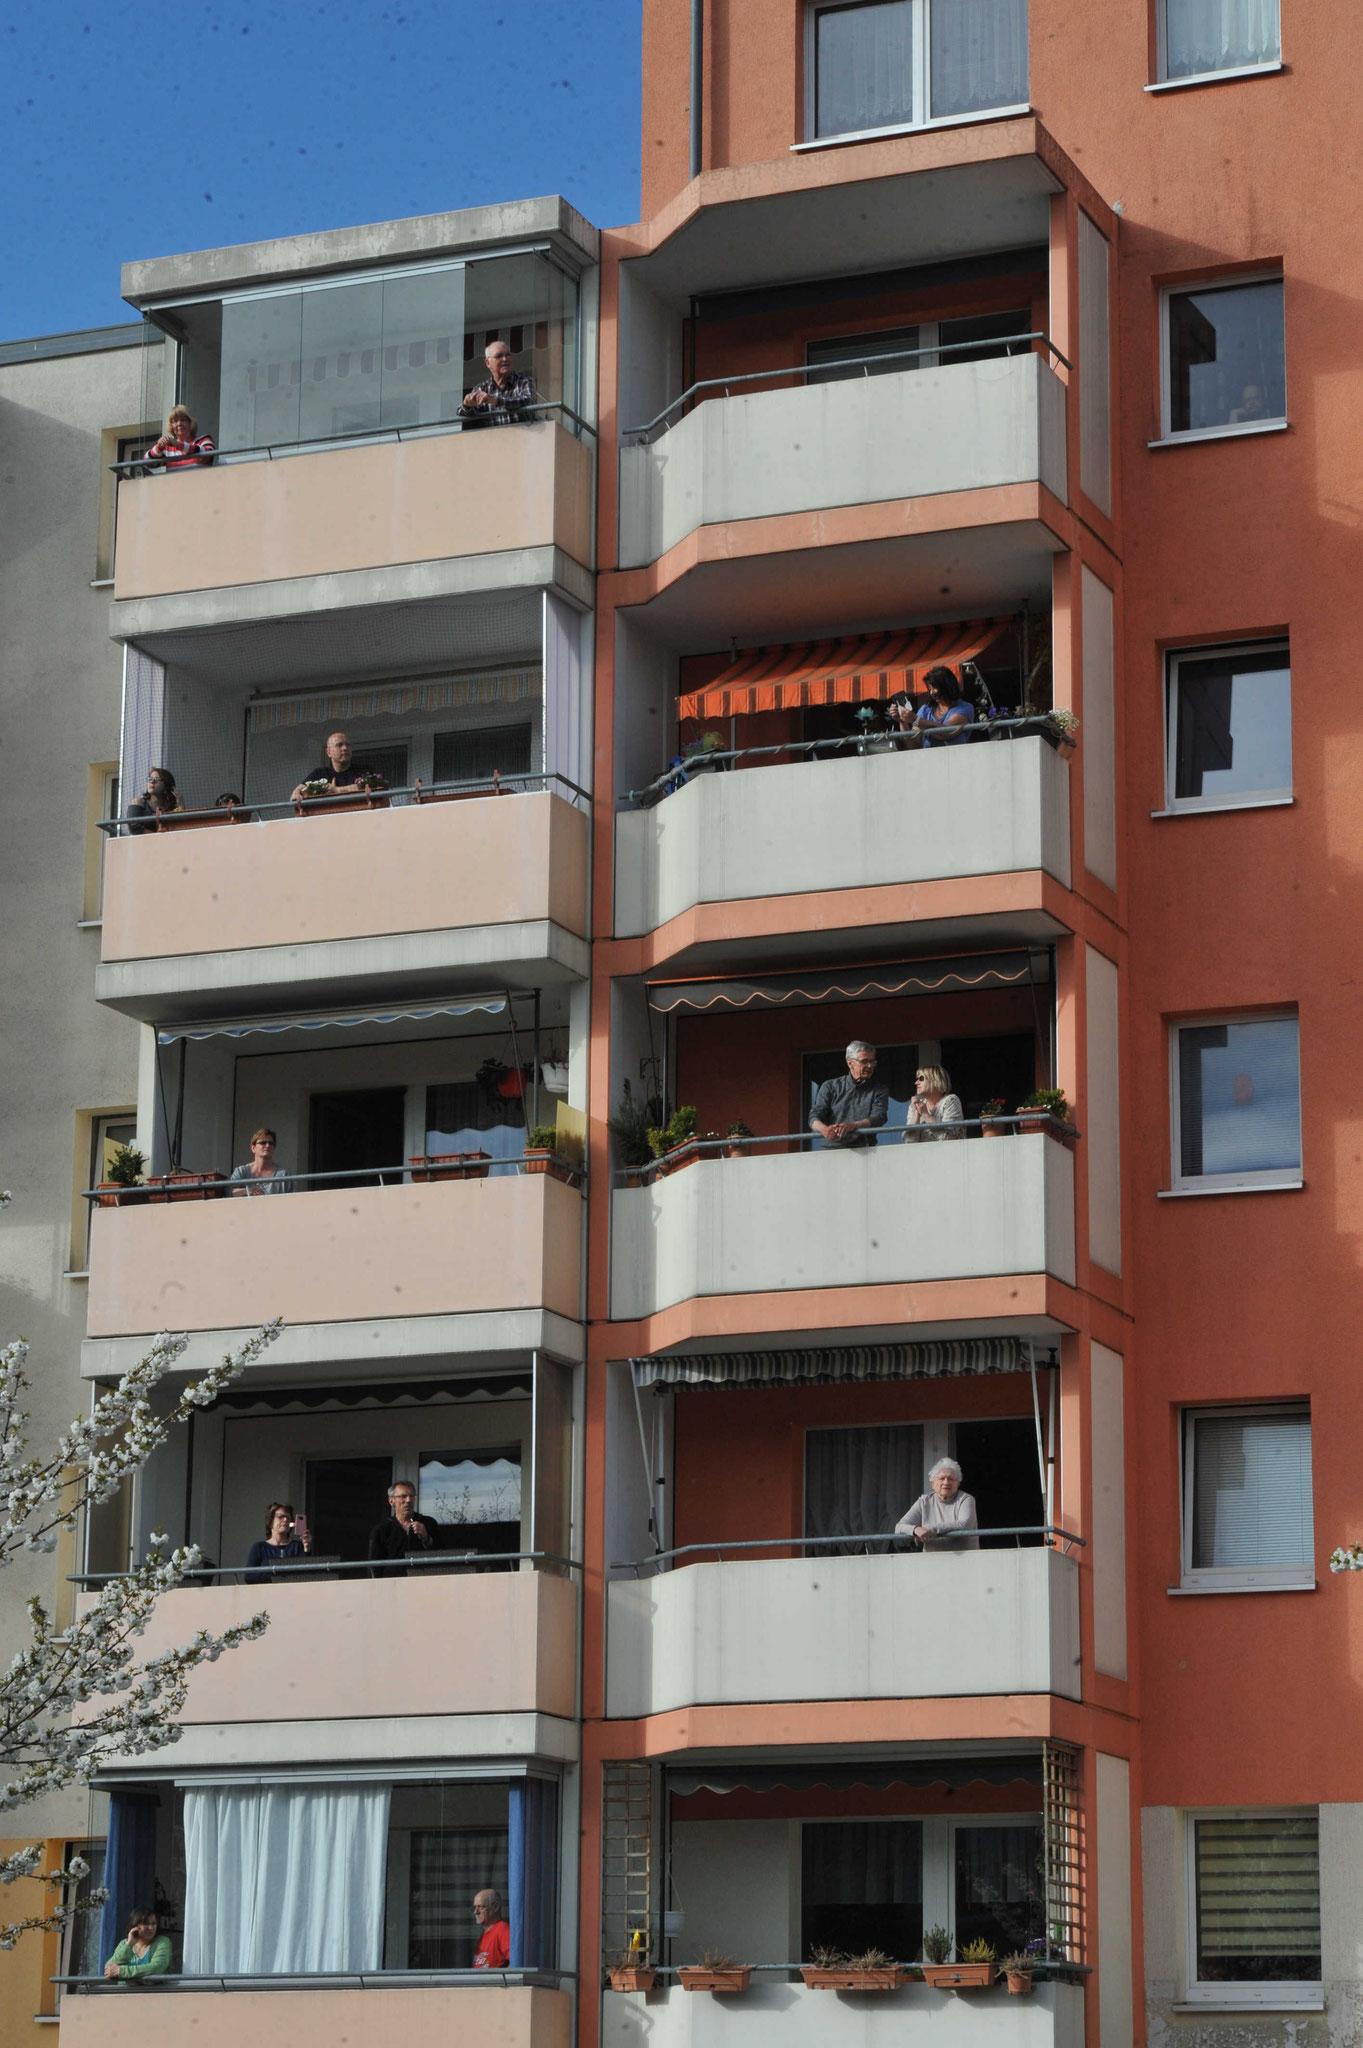 """Die """"Konzertbesucher"""" konnten in ihren eigenen vier Wänden bleiben und die Show vom Fenster oder Balkon aus erleben. © pressefoto-uhlemann.de"""